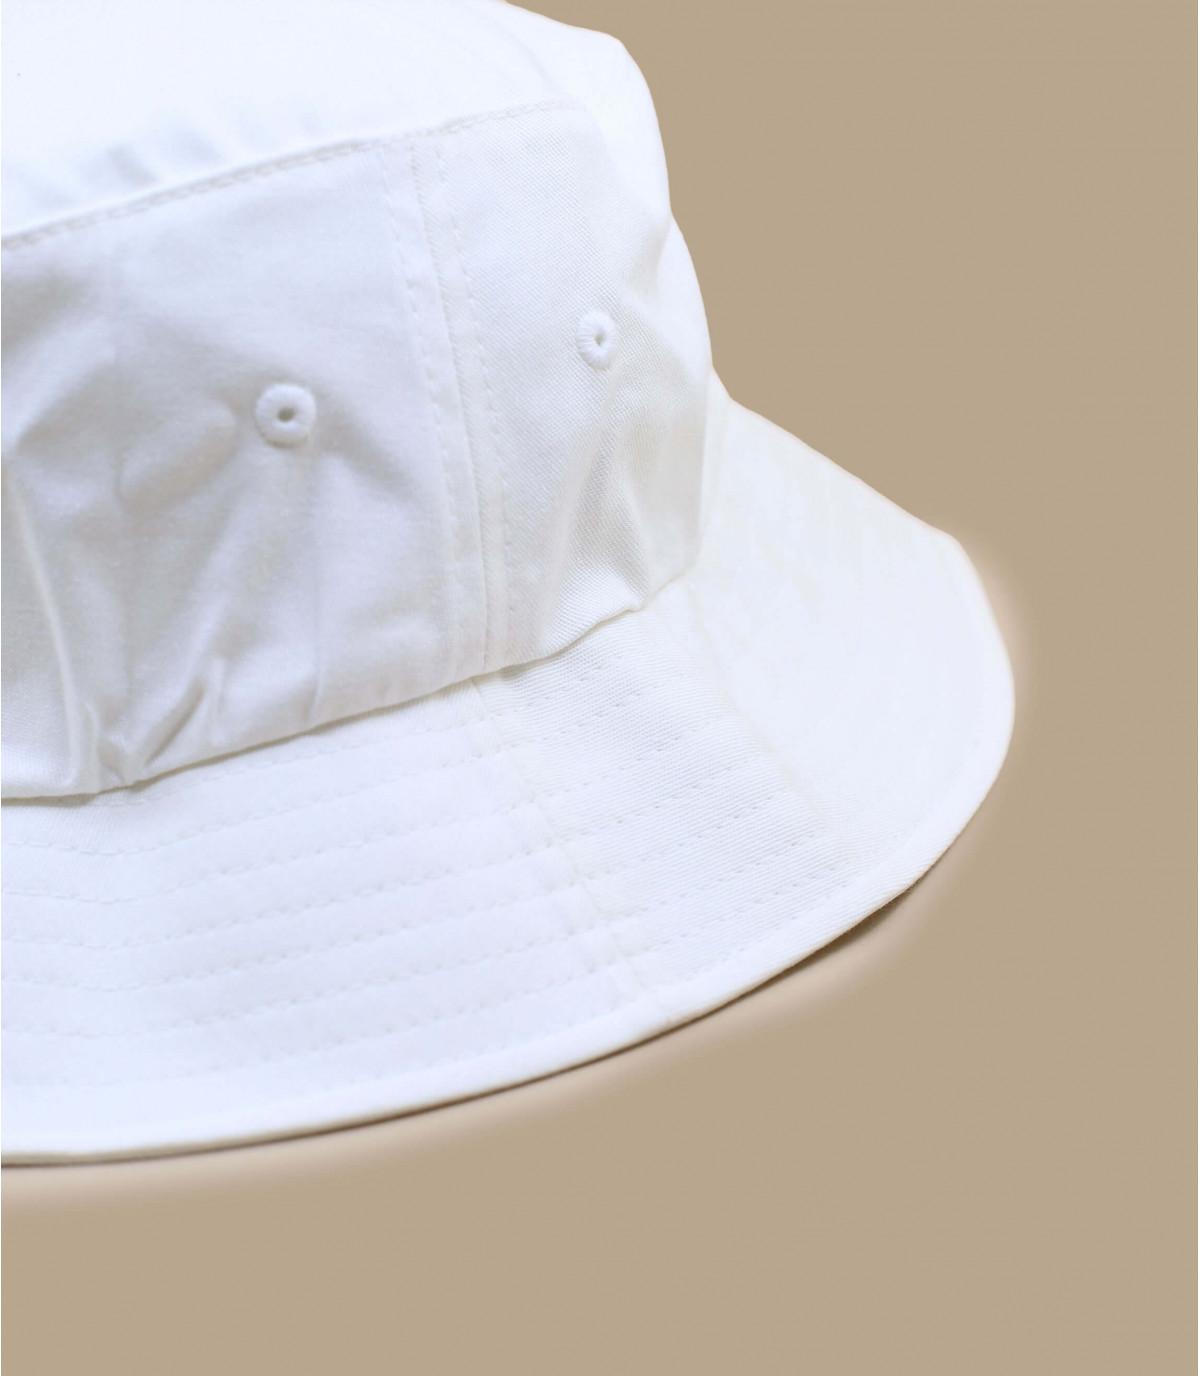 Détails Bob blanc flexfit wm - image 2